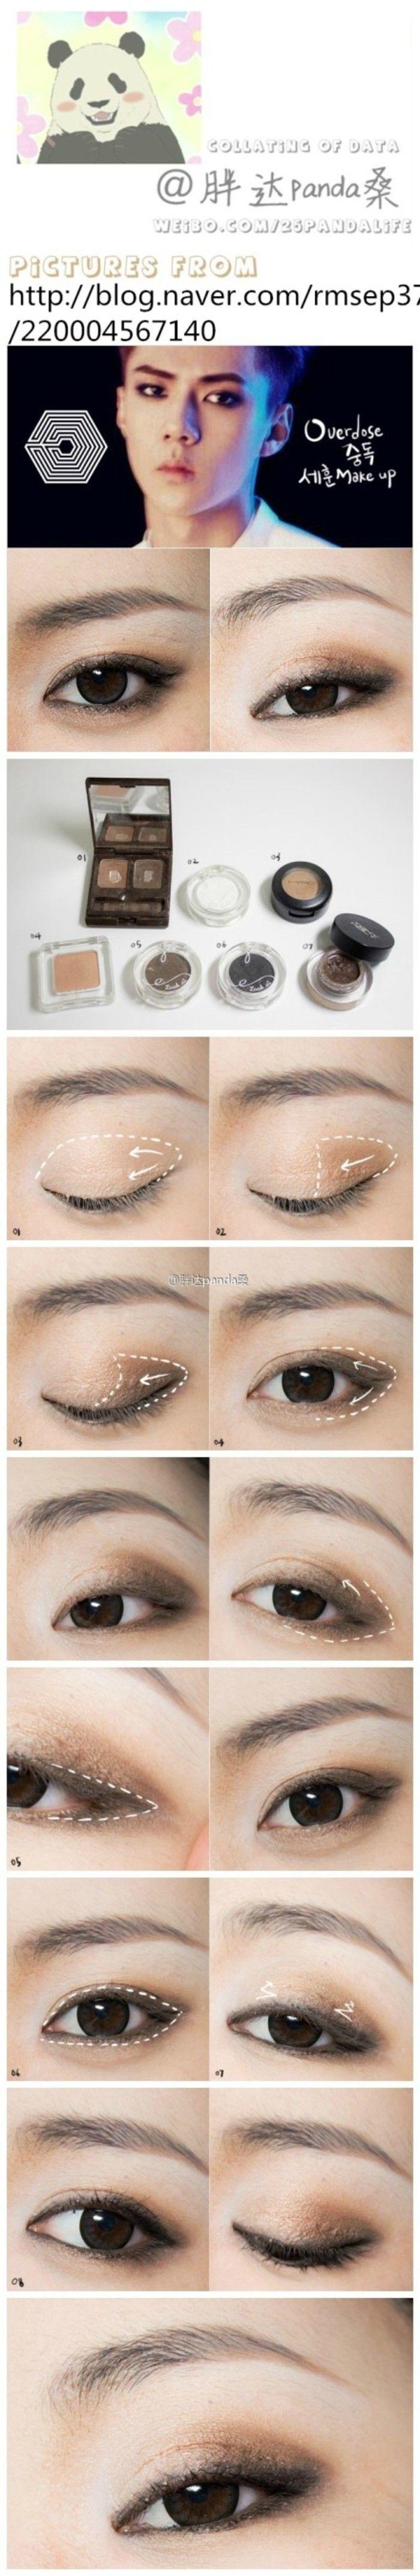 asian makeup exo